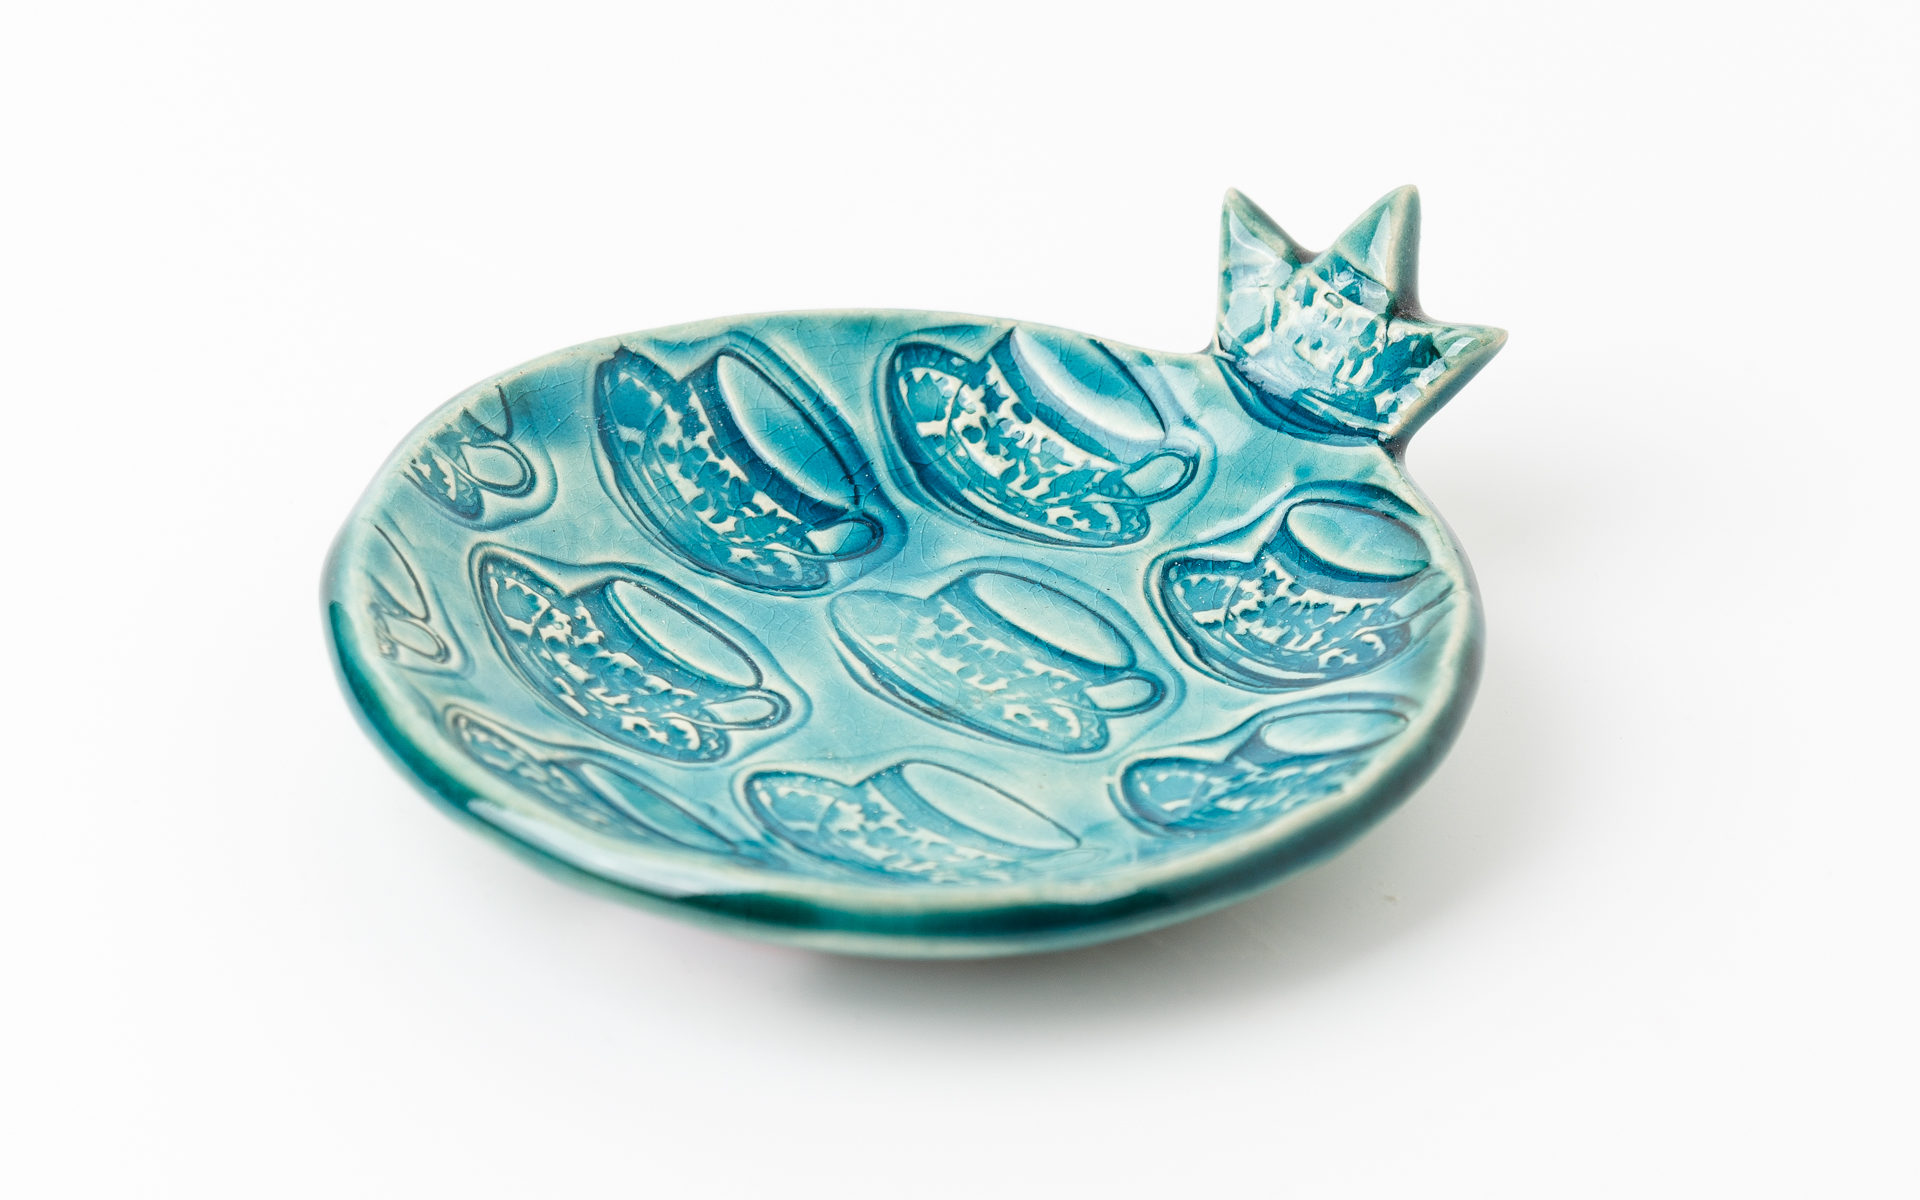 тарелка сине-зеленая маленькая